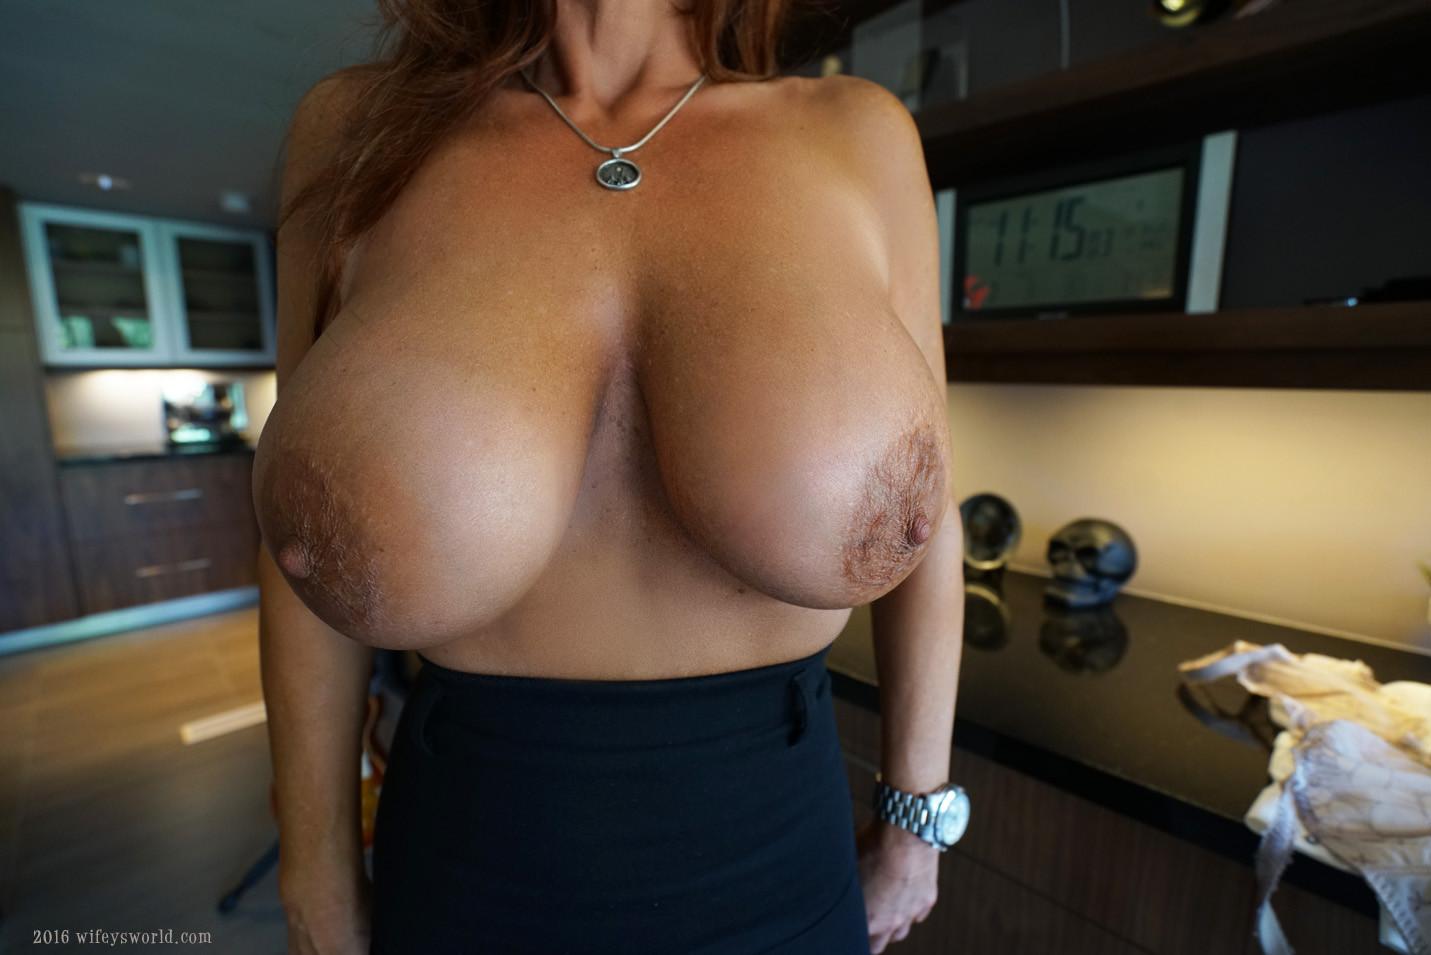 Сиськи домохозяек фото, Смотреть порно фото домохозяйки 16 фотография